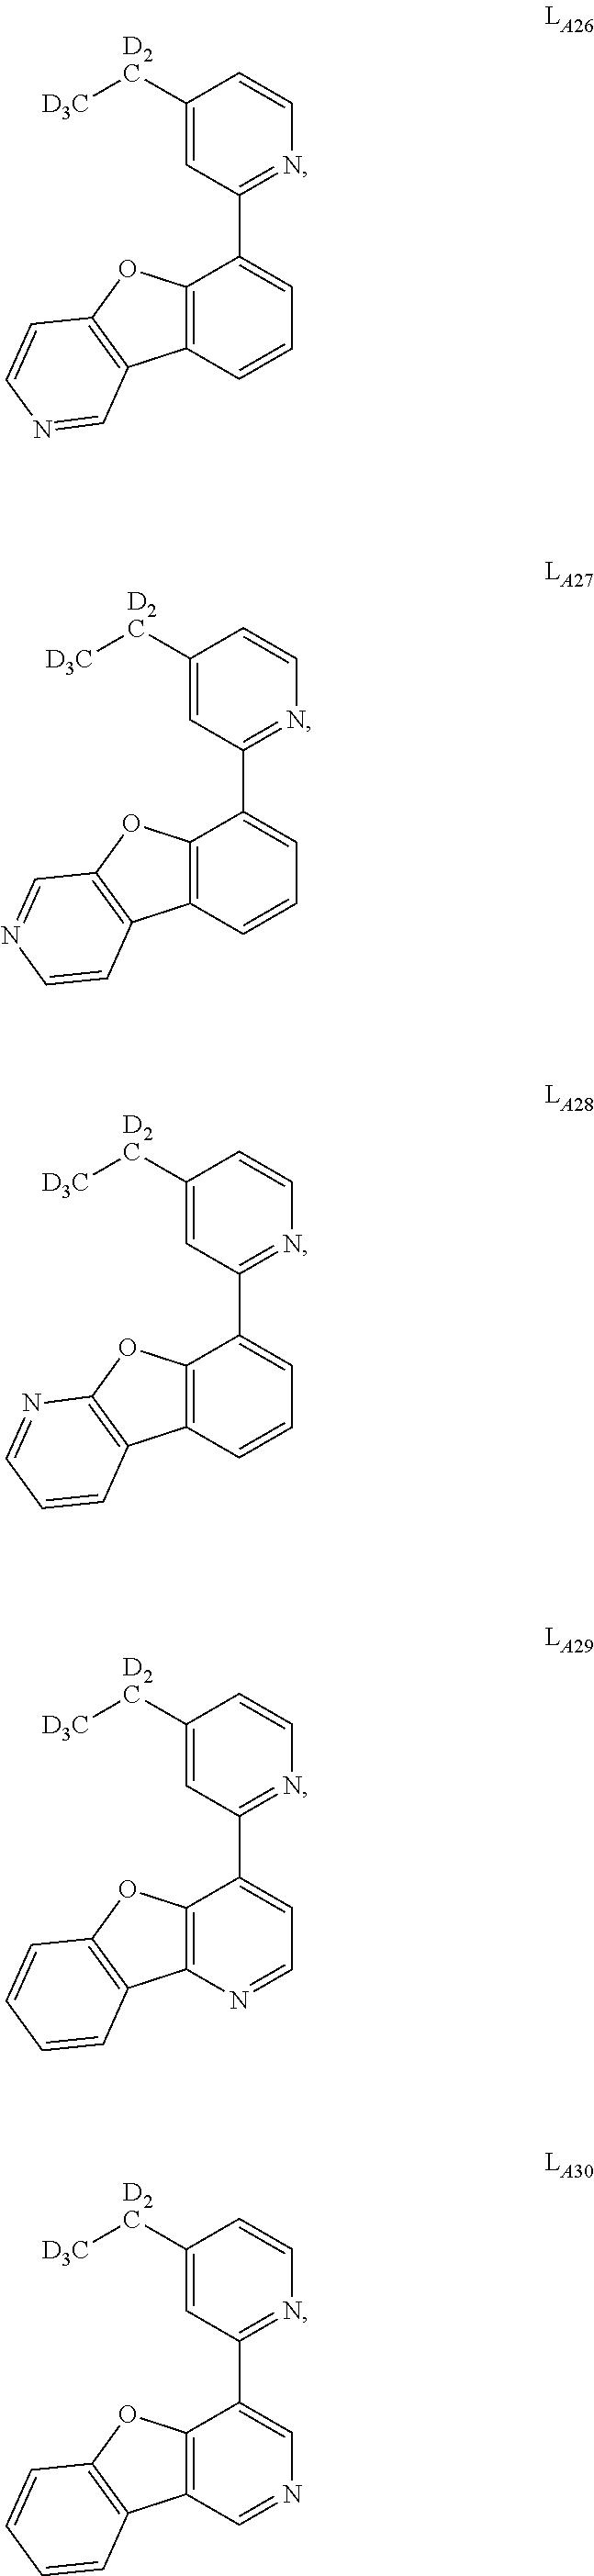 Figure US09634264-20170425-C00054